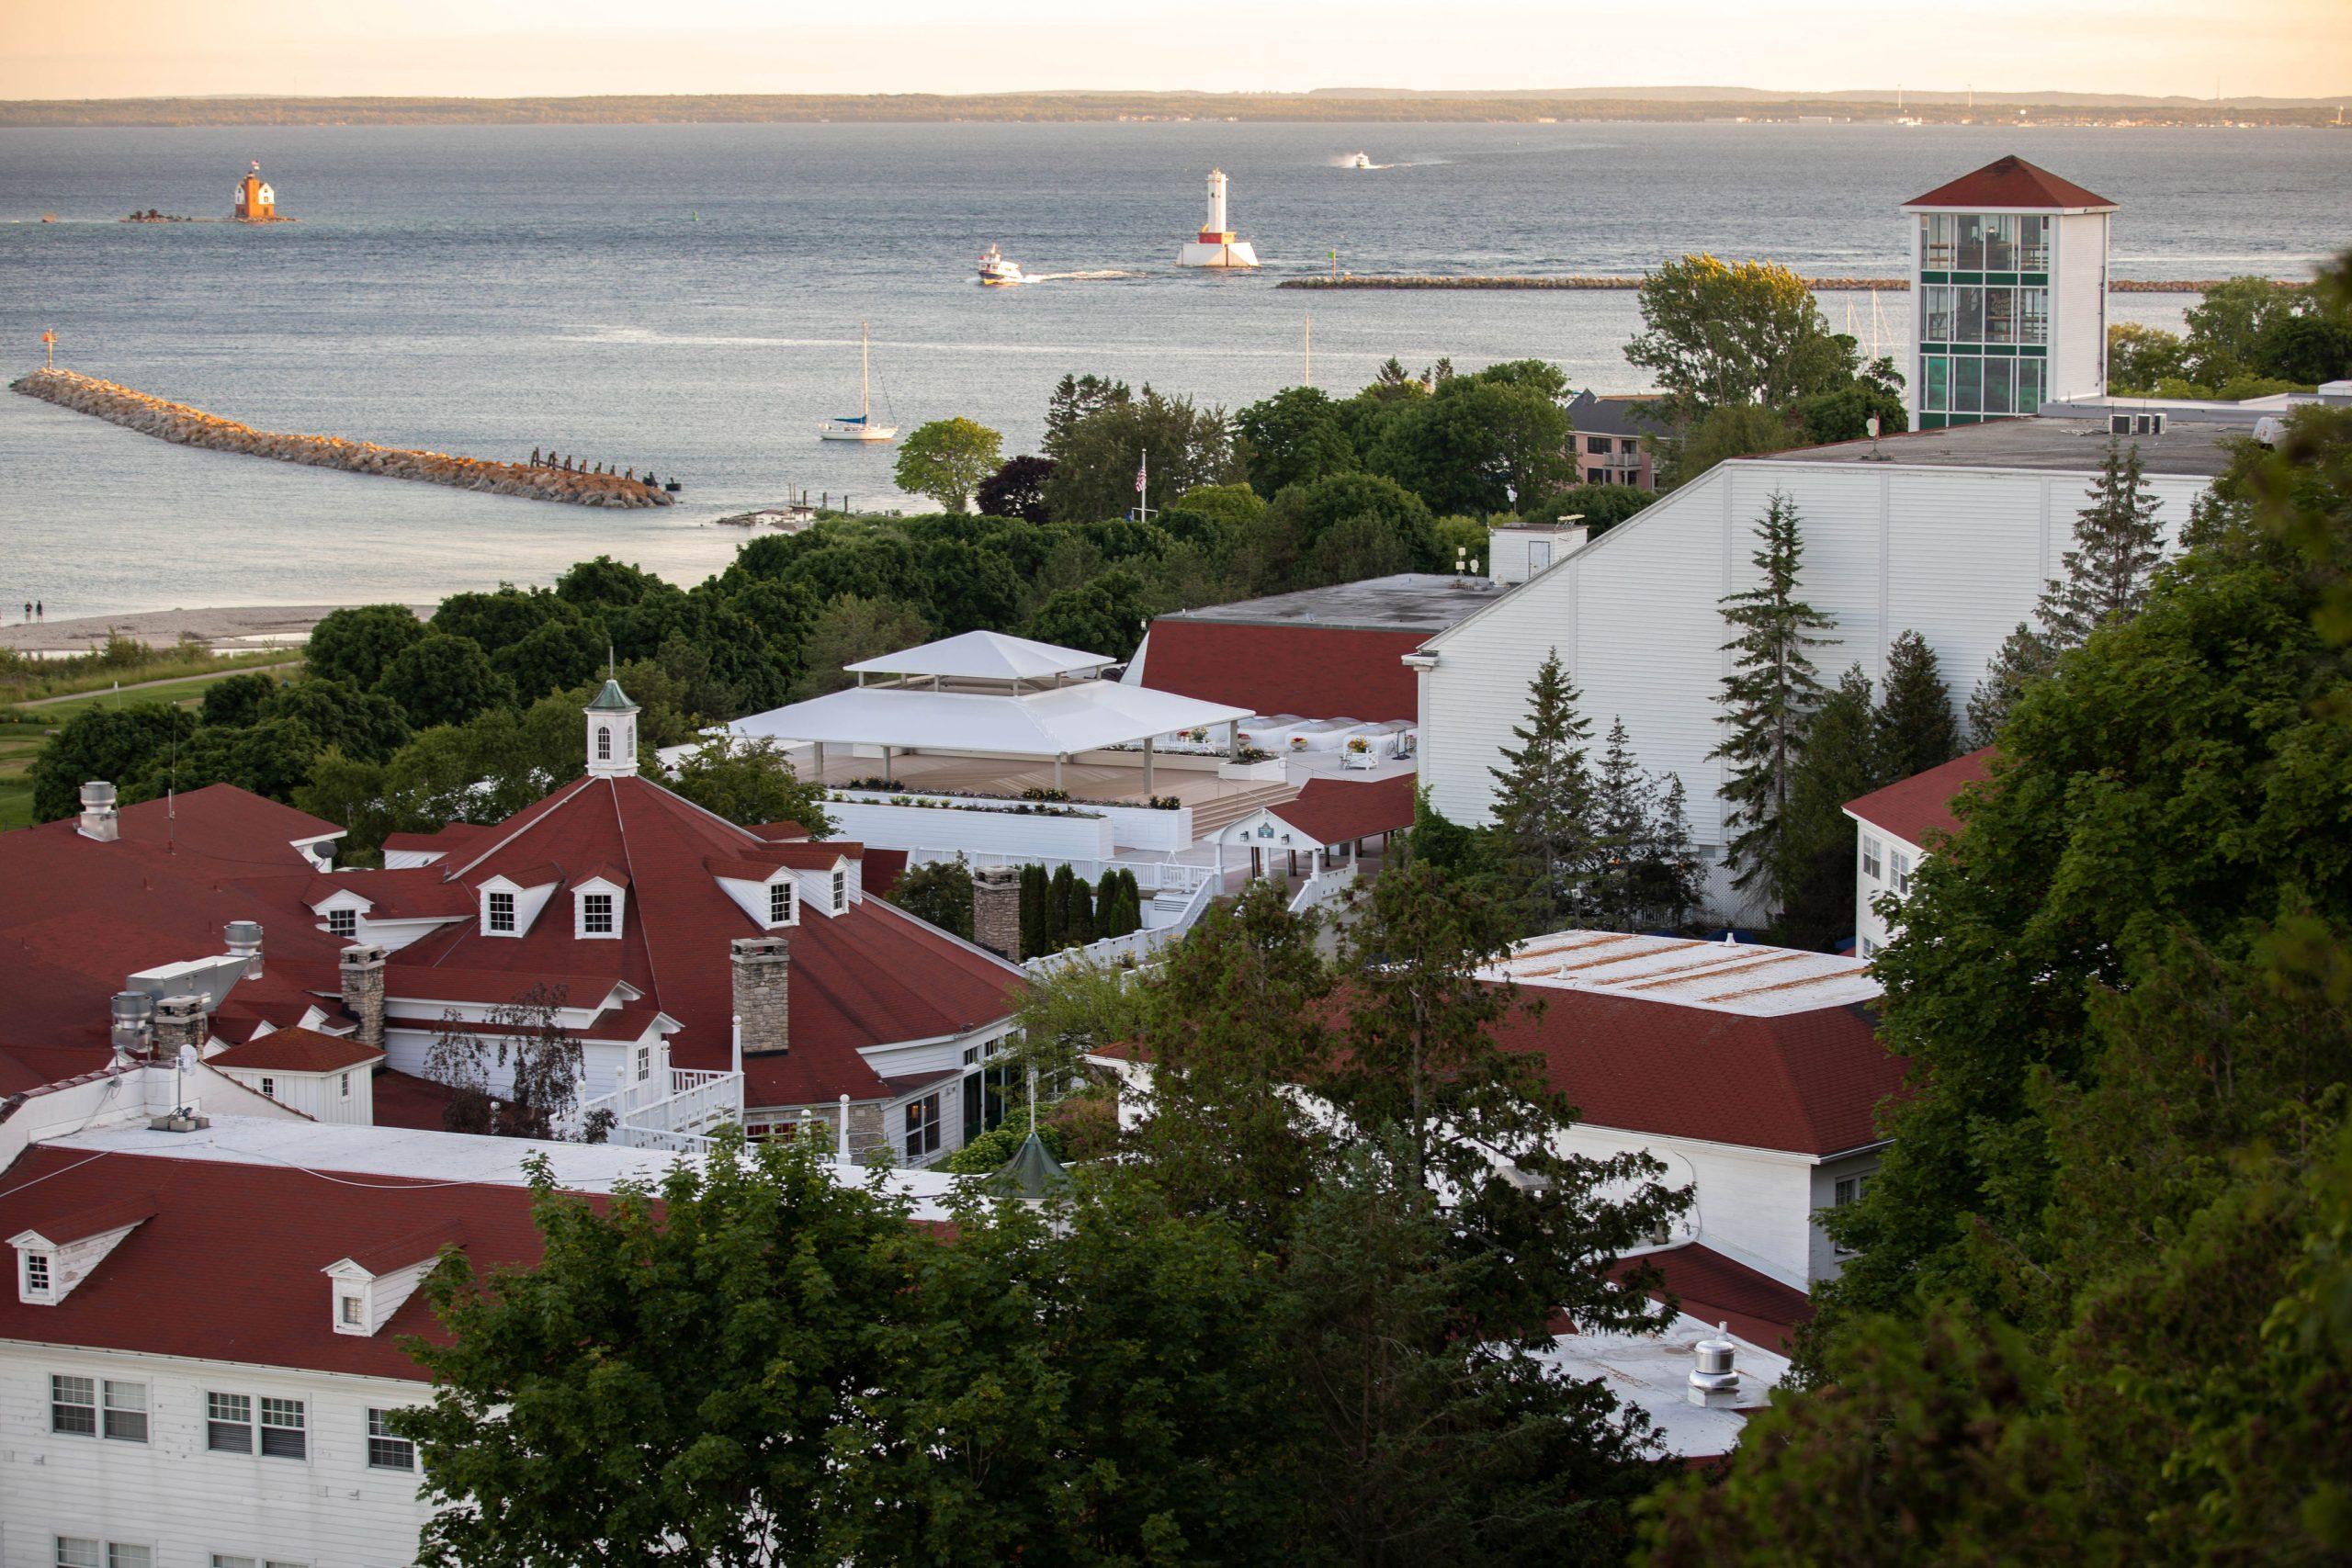 Mission Point Resort on Mackinac Island Michigan by Annie Fairfax